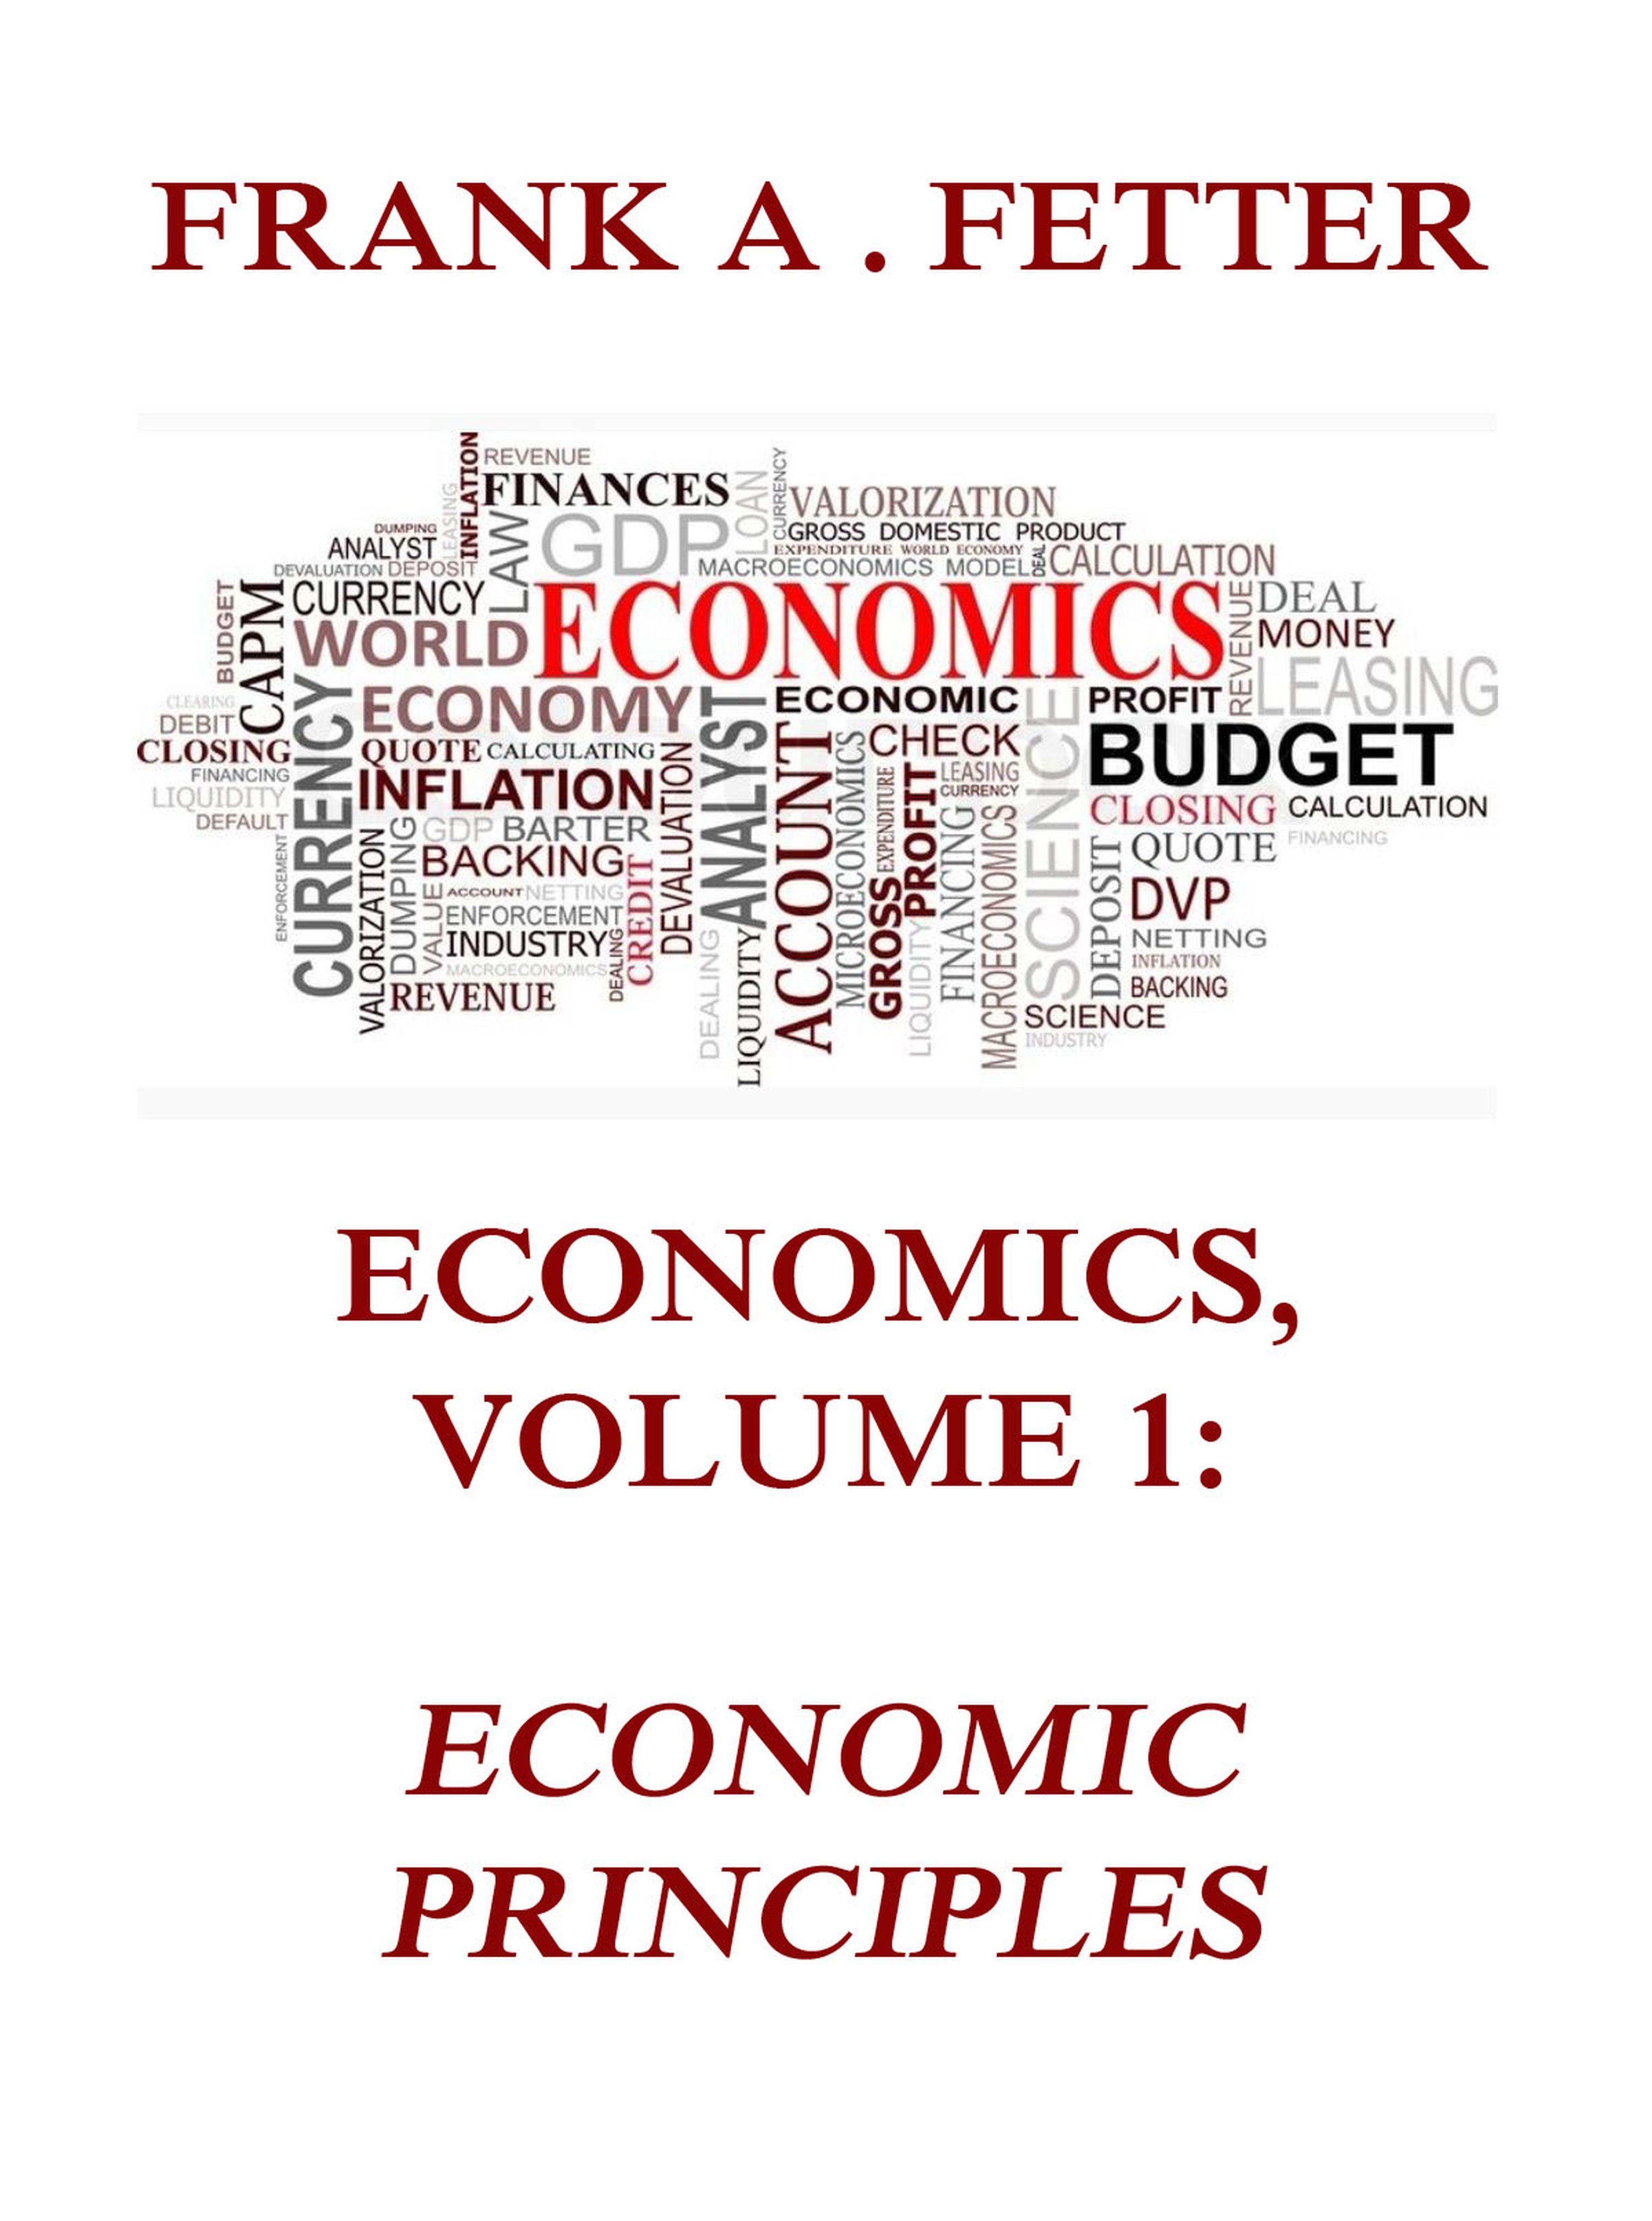 Frank A. Fetter Economics, Volume 1: Economic Principles